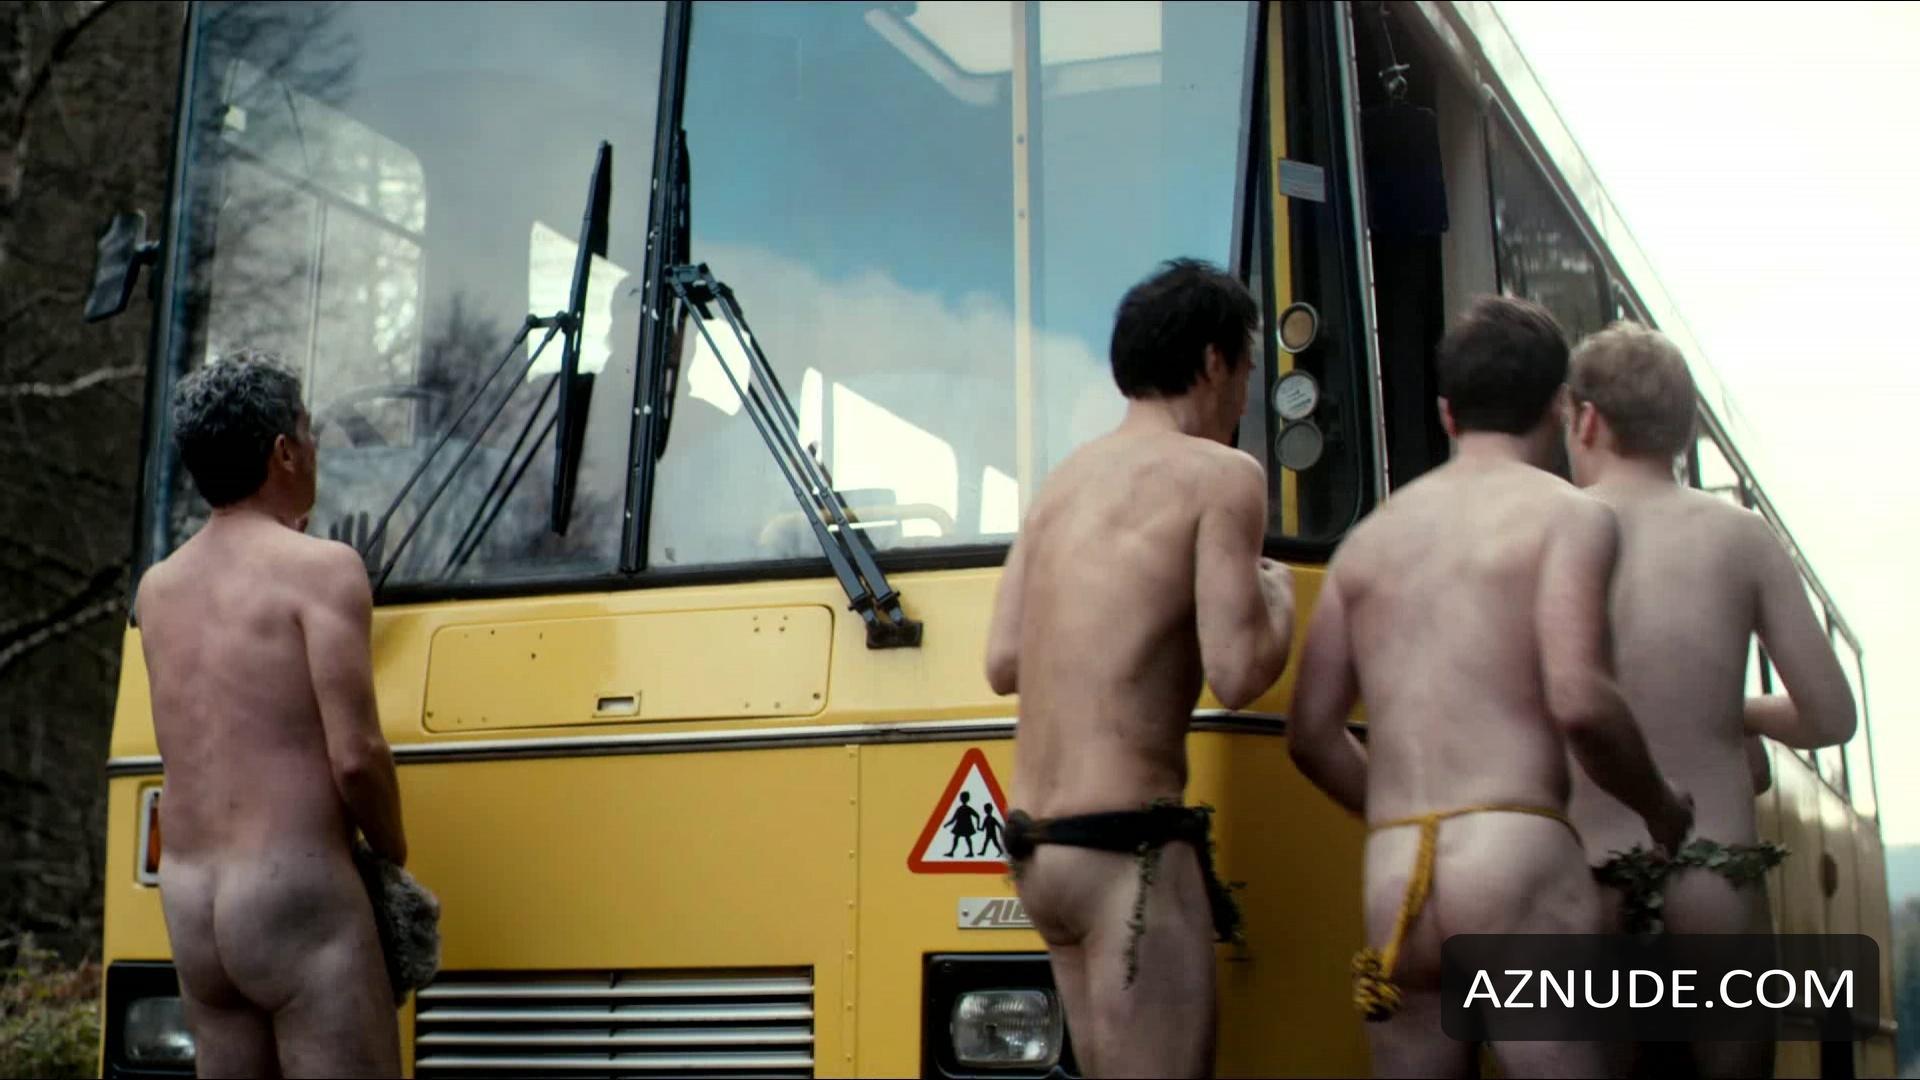 Swimsuit Pete Bennett Naked Pics Images